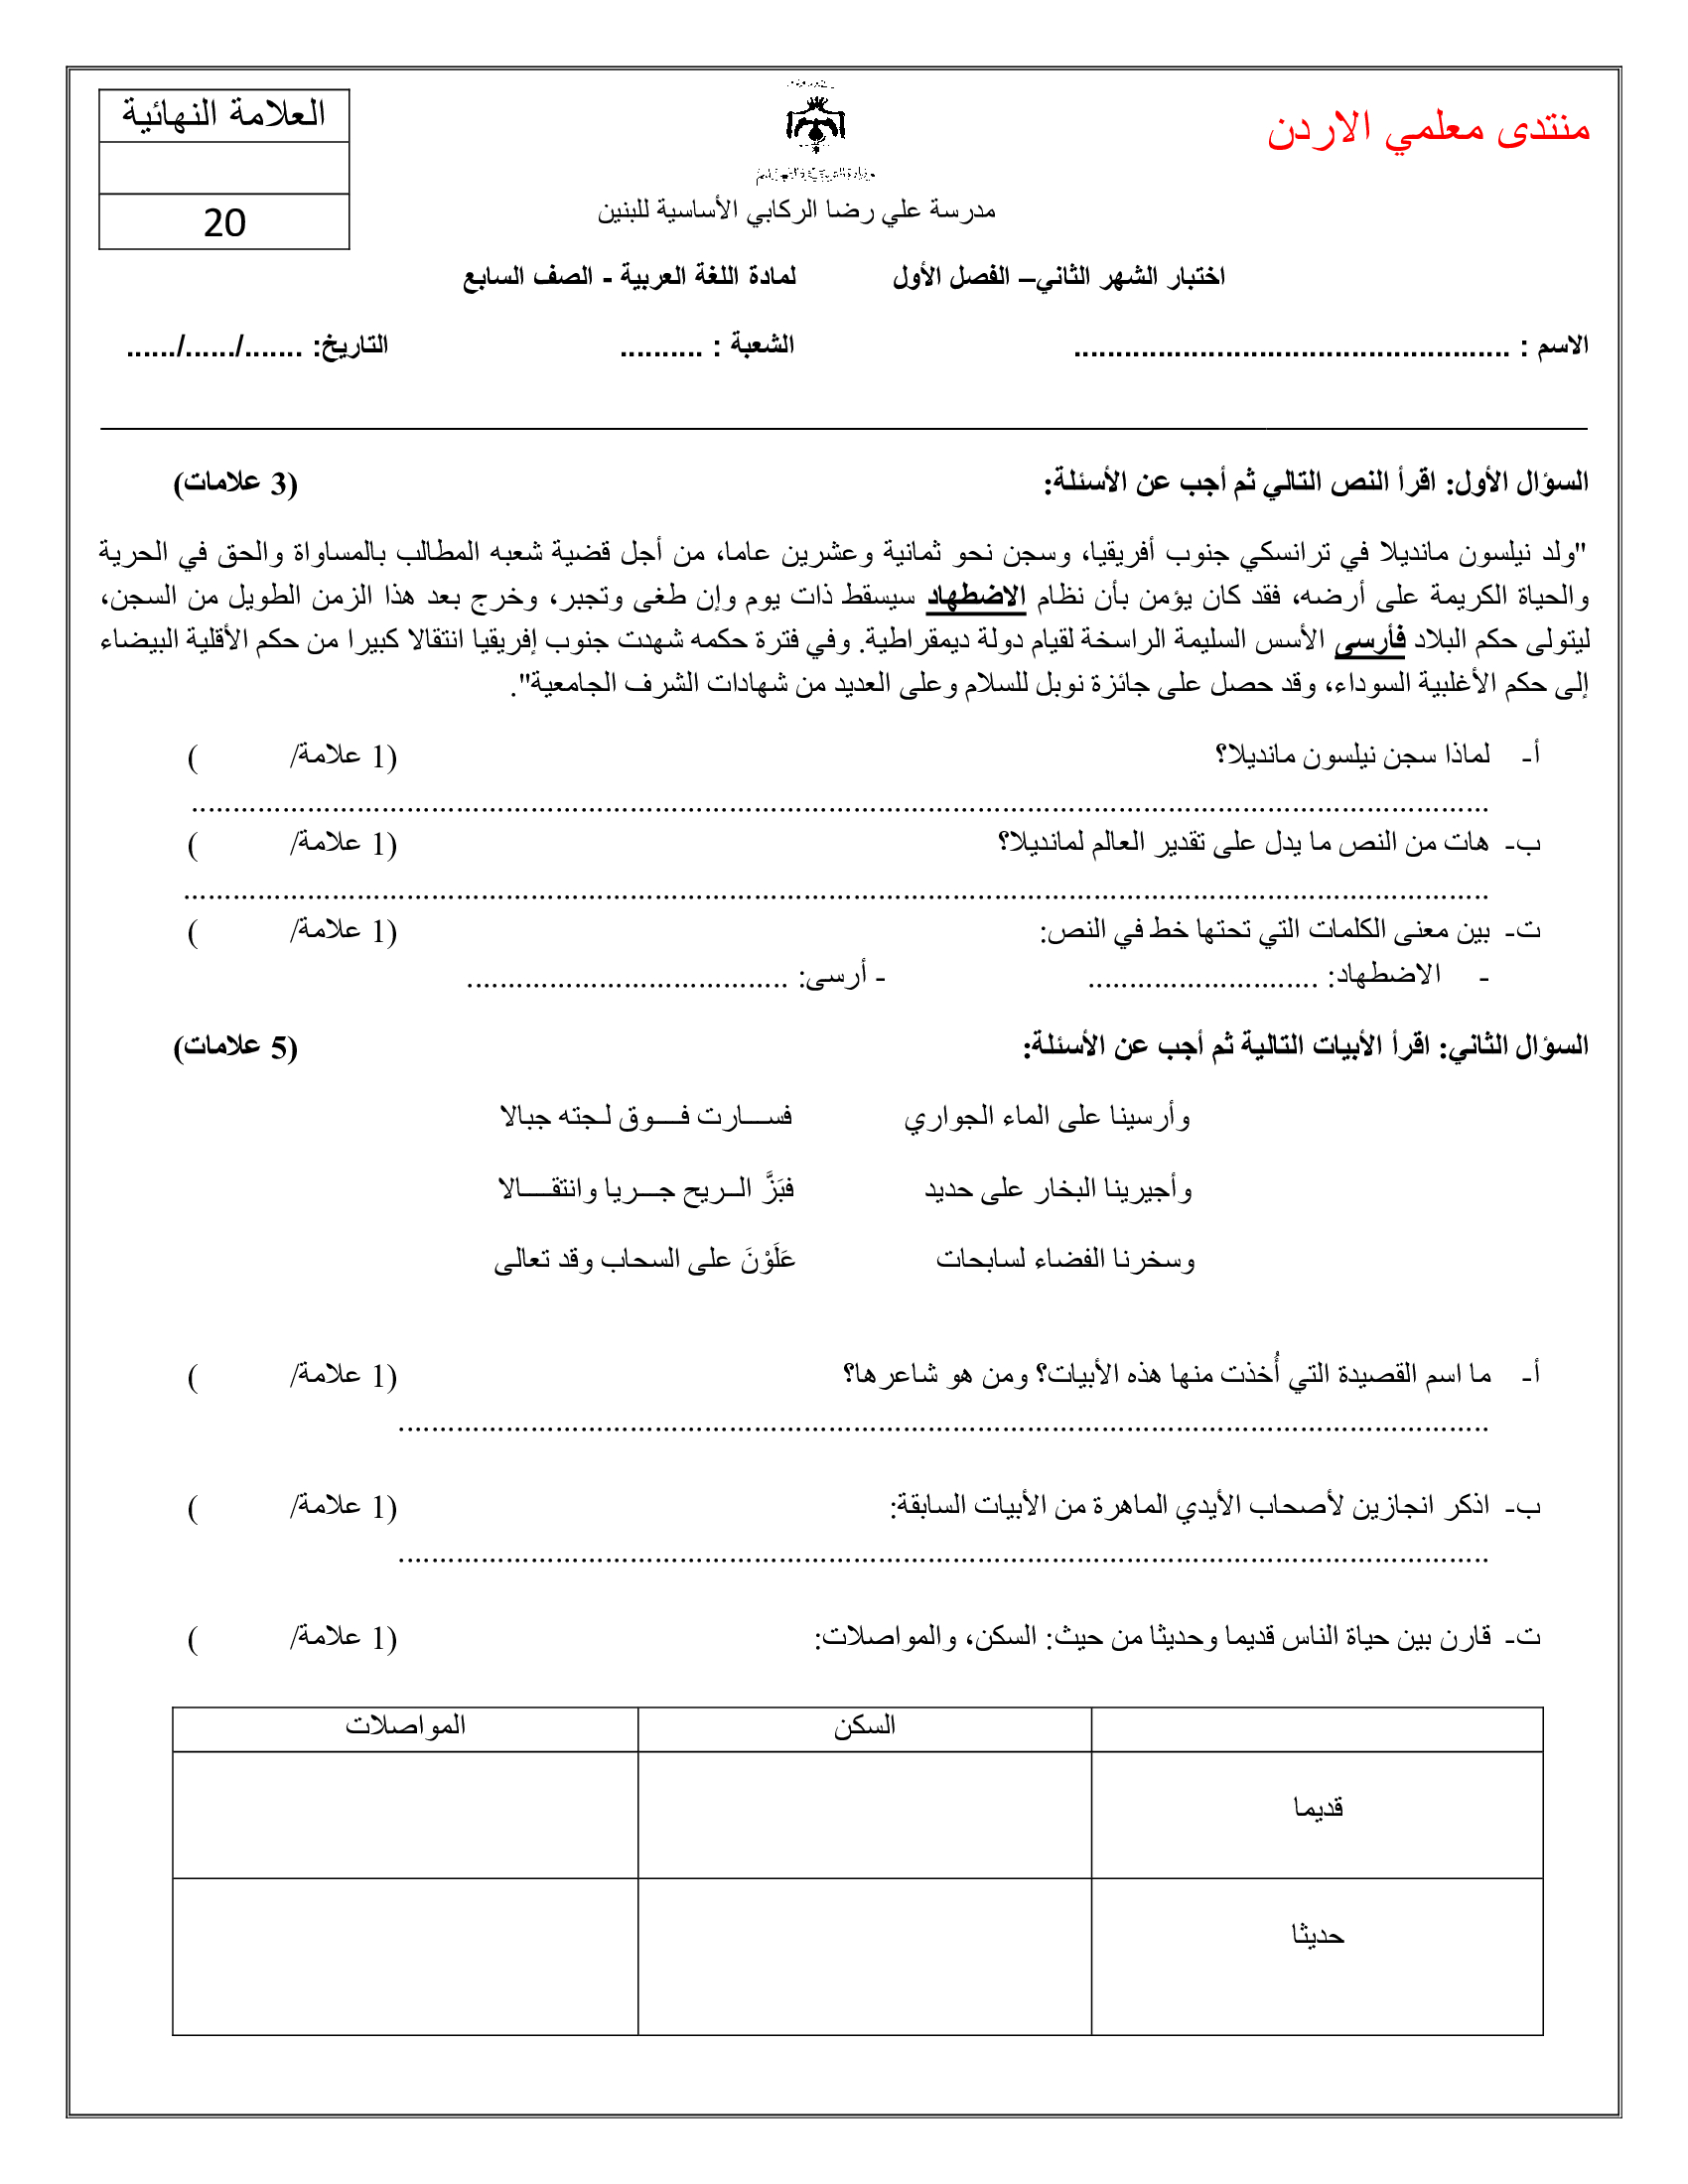 صور و وورد اختبار اللغة العربية الشهر الثاني للصف السابع الفصل الاول 2019